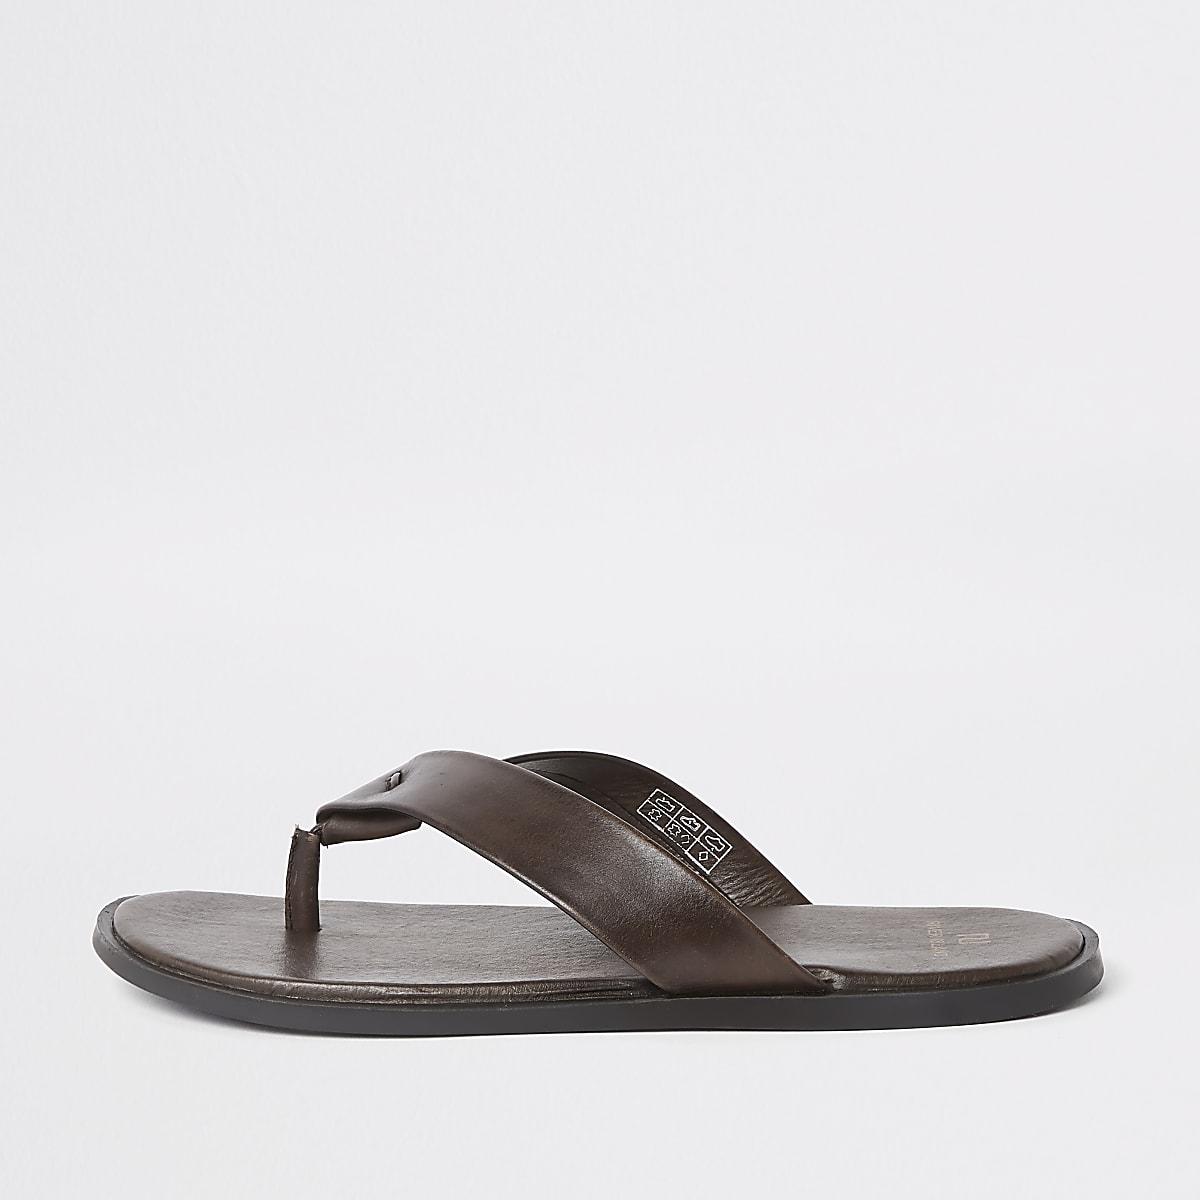 Dark brown leather flip flop sandals